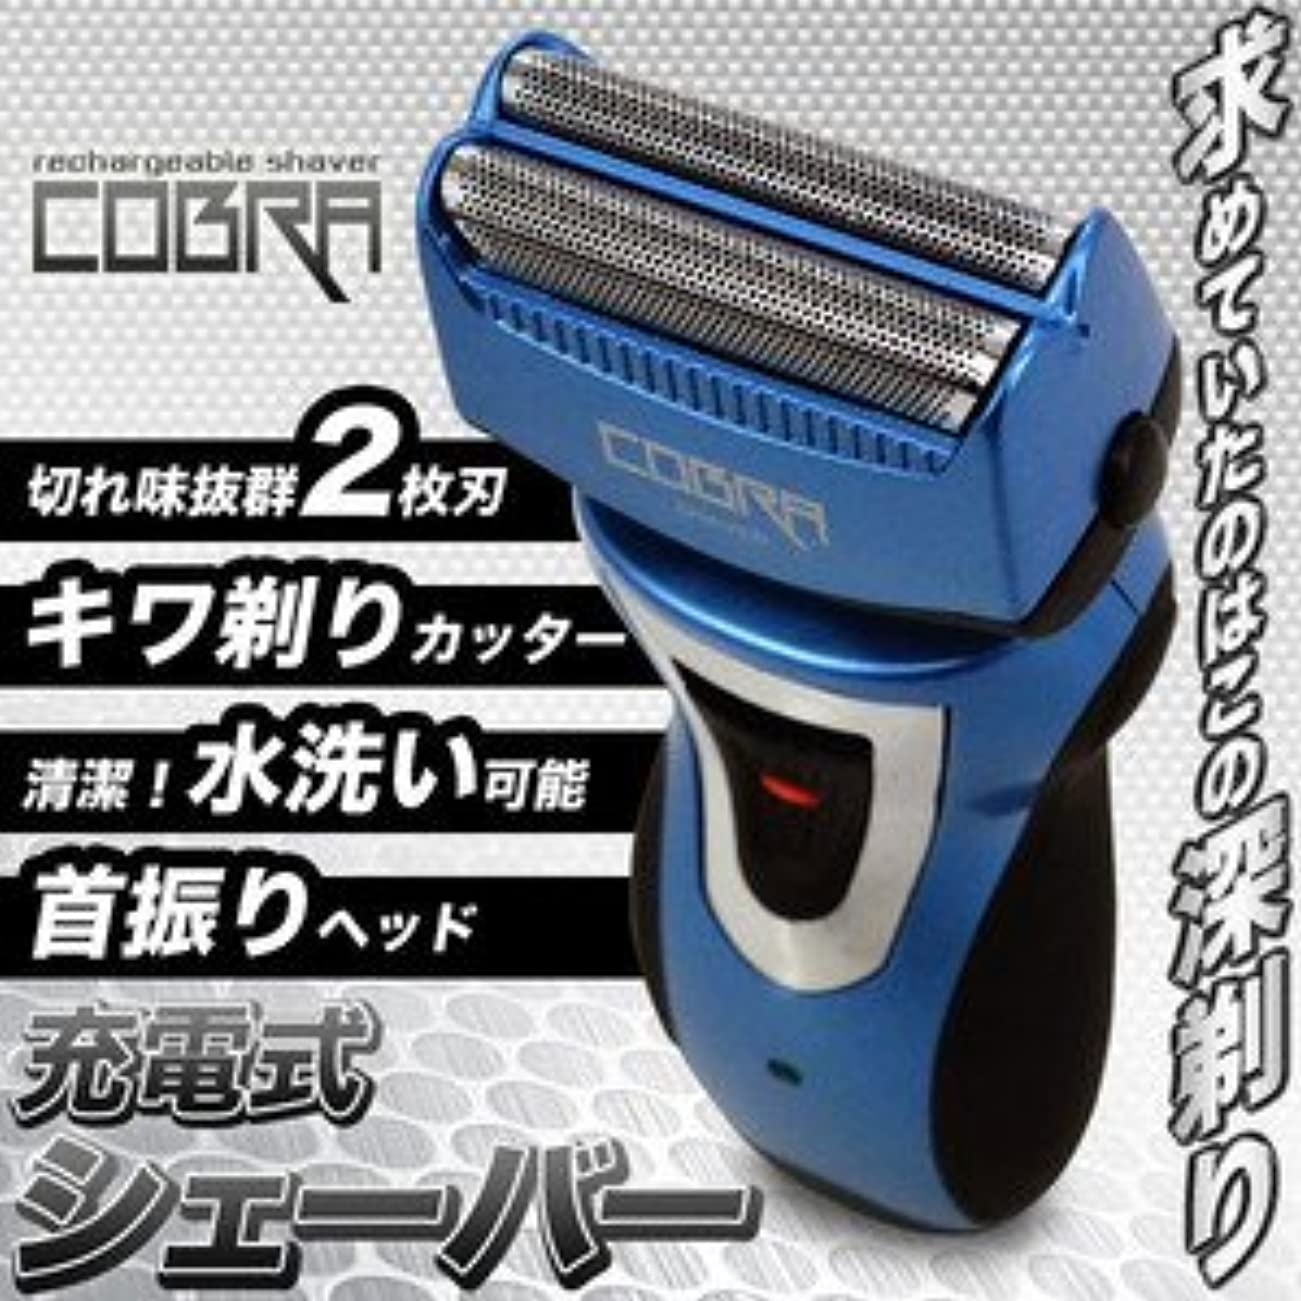 解釈的開梱加速度★限定商品!◆髭剃り/シェーバー◆充電式/コブラ◆RQ-720青